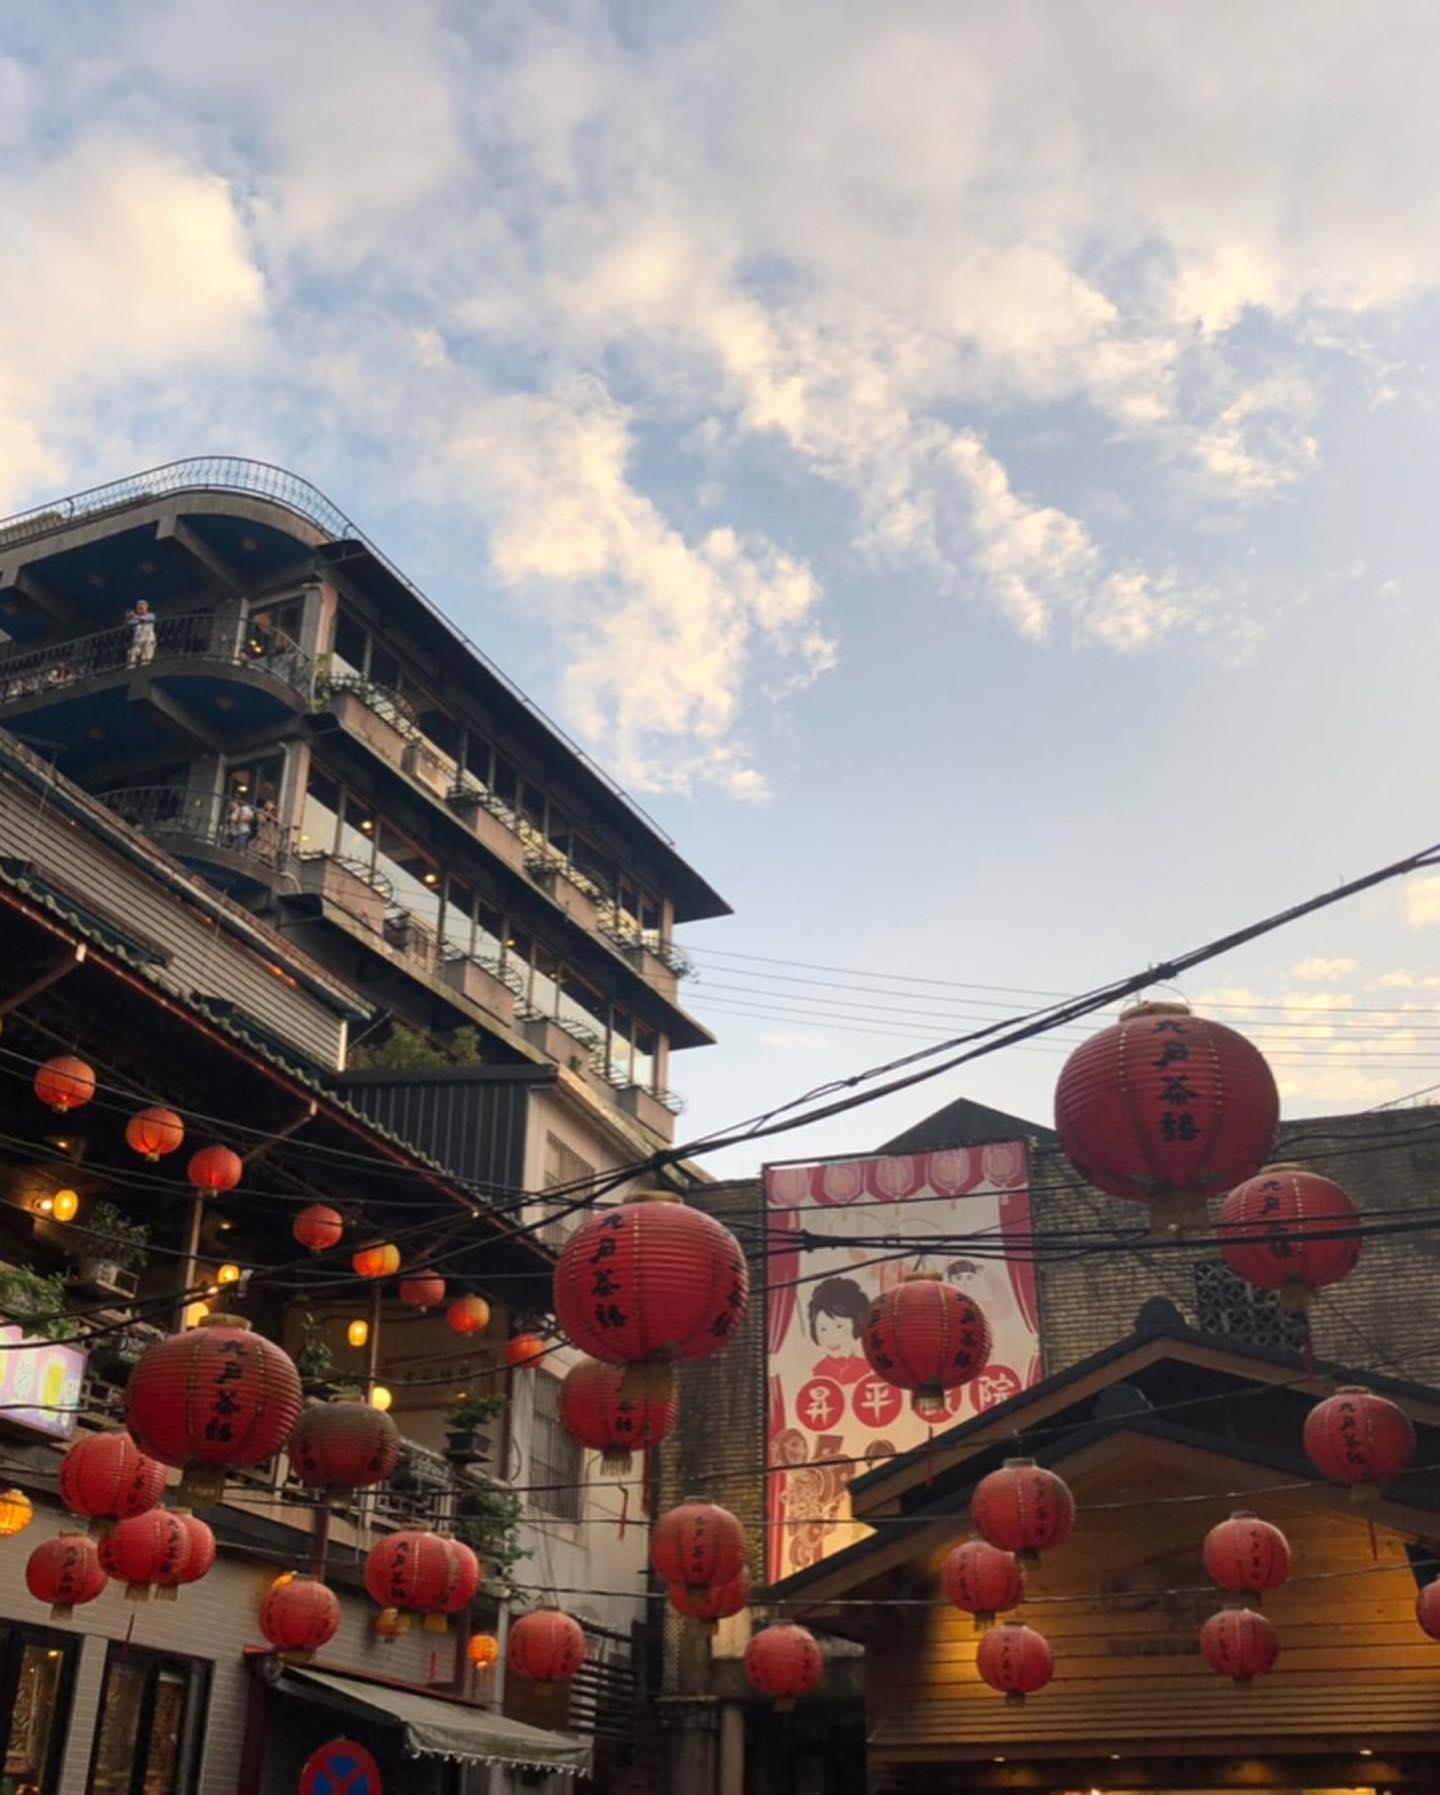 台湾旅行️ 楽しい旅行ありがとうございました️ これからまた頑張ります